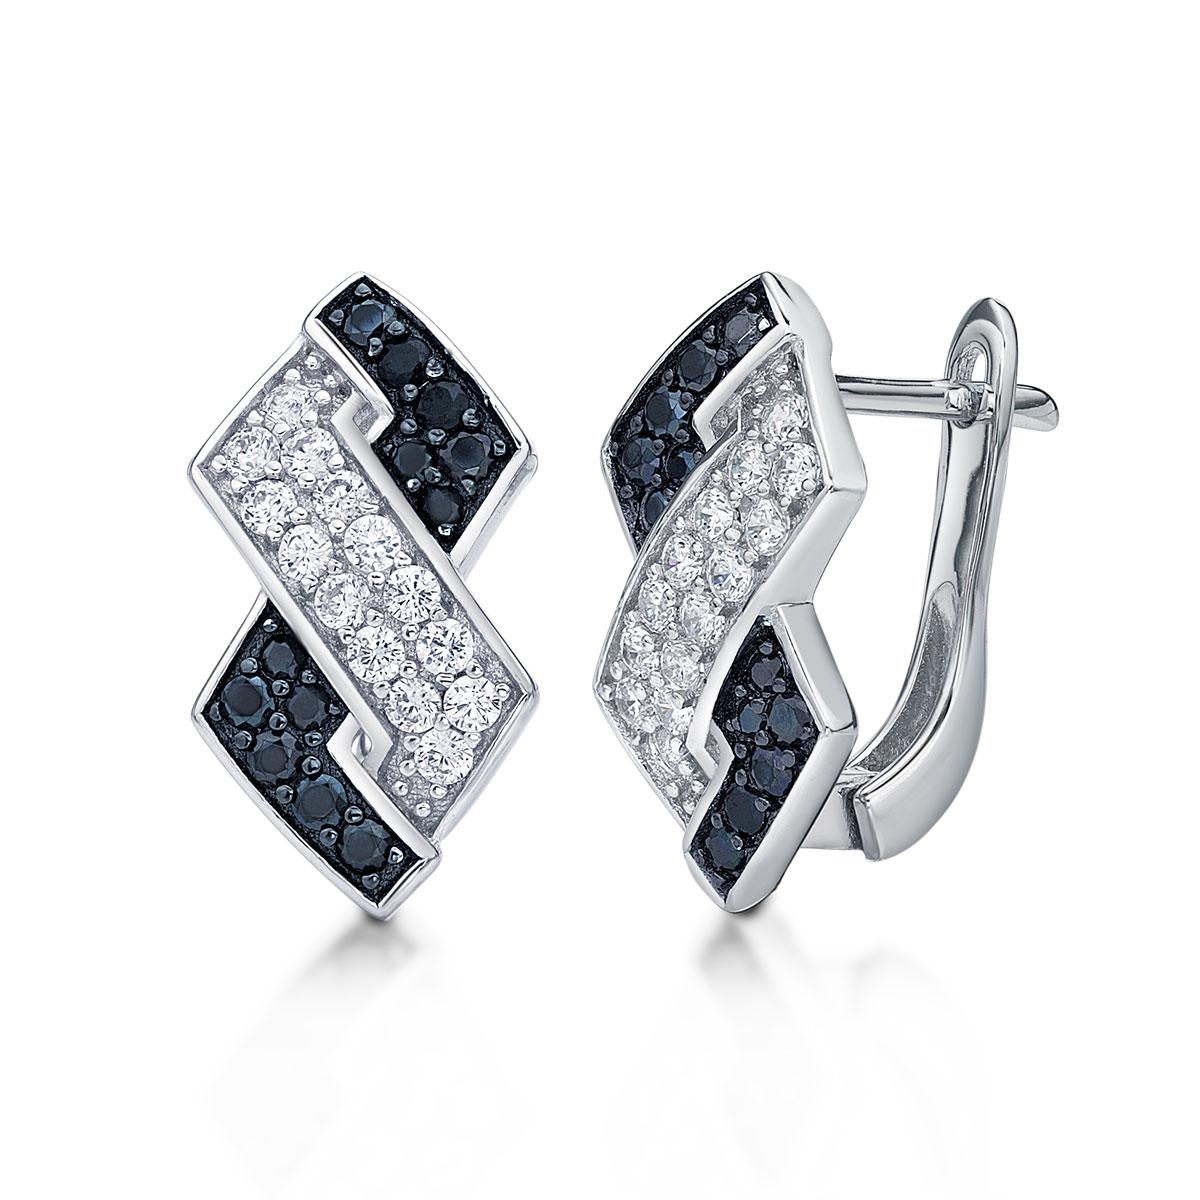 ED154 璀璨軌跡-交錯菱形奢華耳環/一對販售